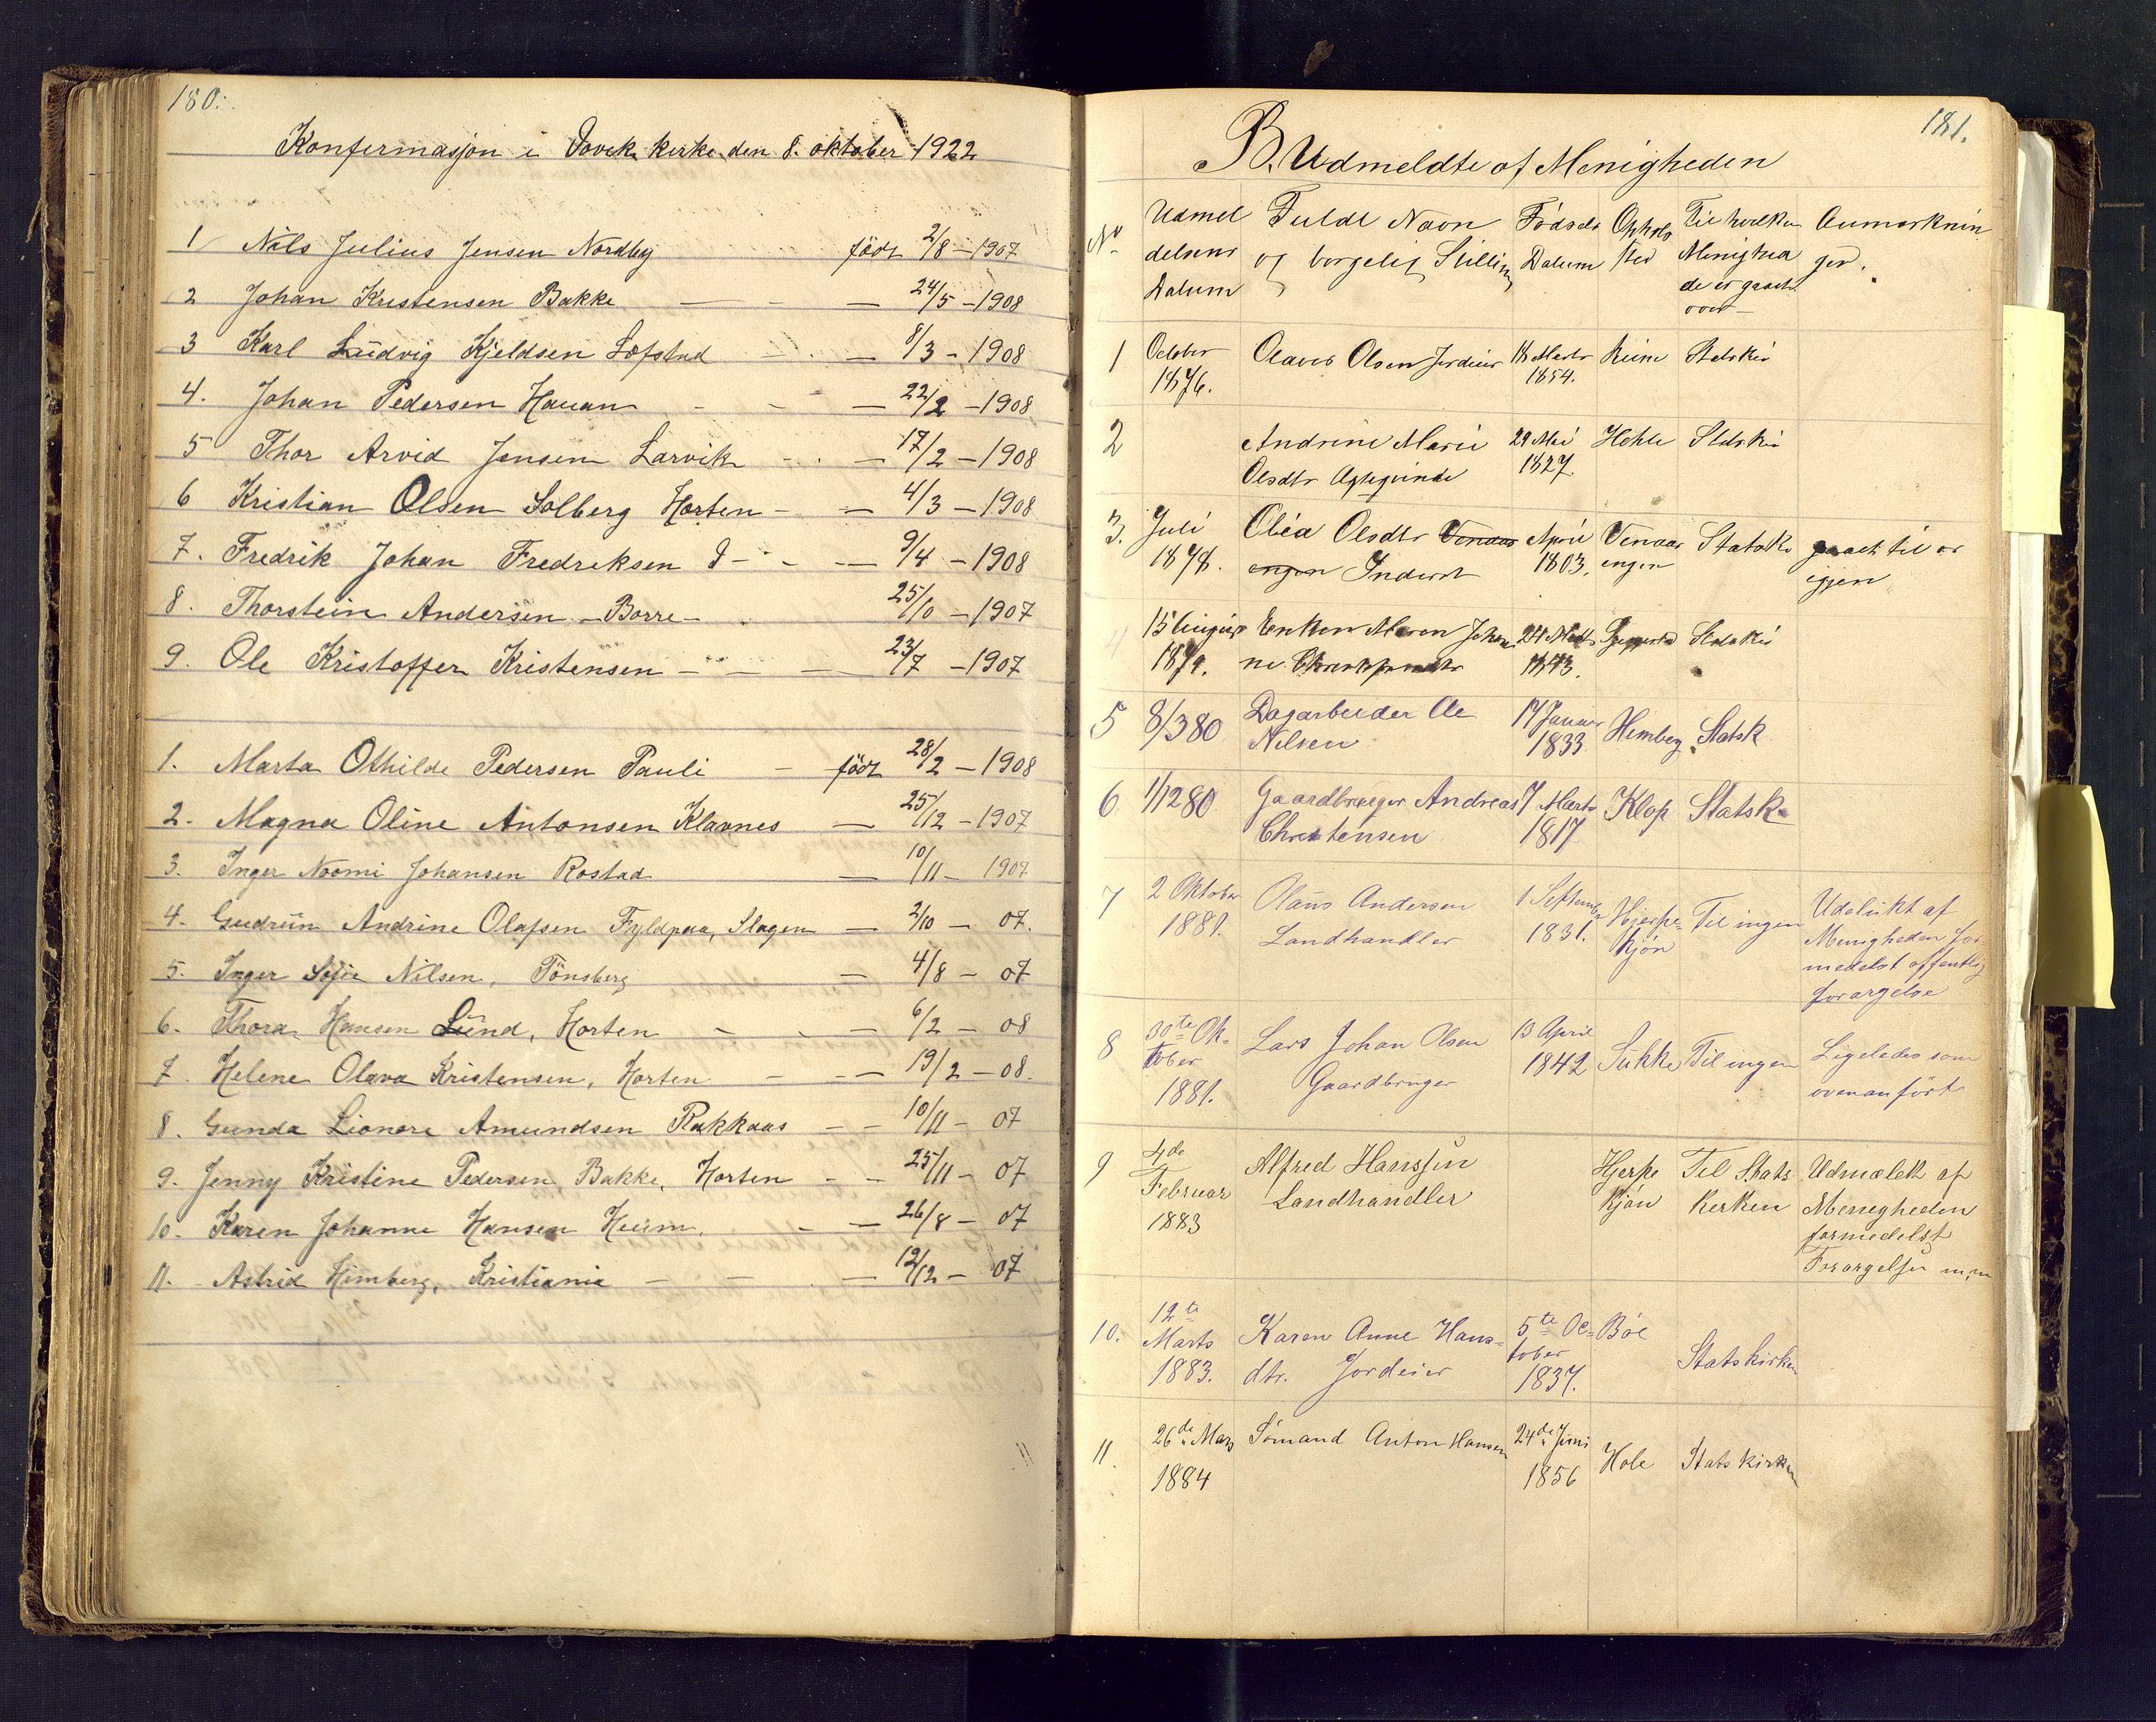 SAKO, Den evangeliske lutherske frimenighet (SAKO), Dissenterprotokoll nr. Fb/L0001, 1872-1907, s. 180-181